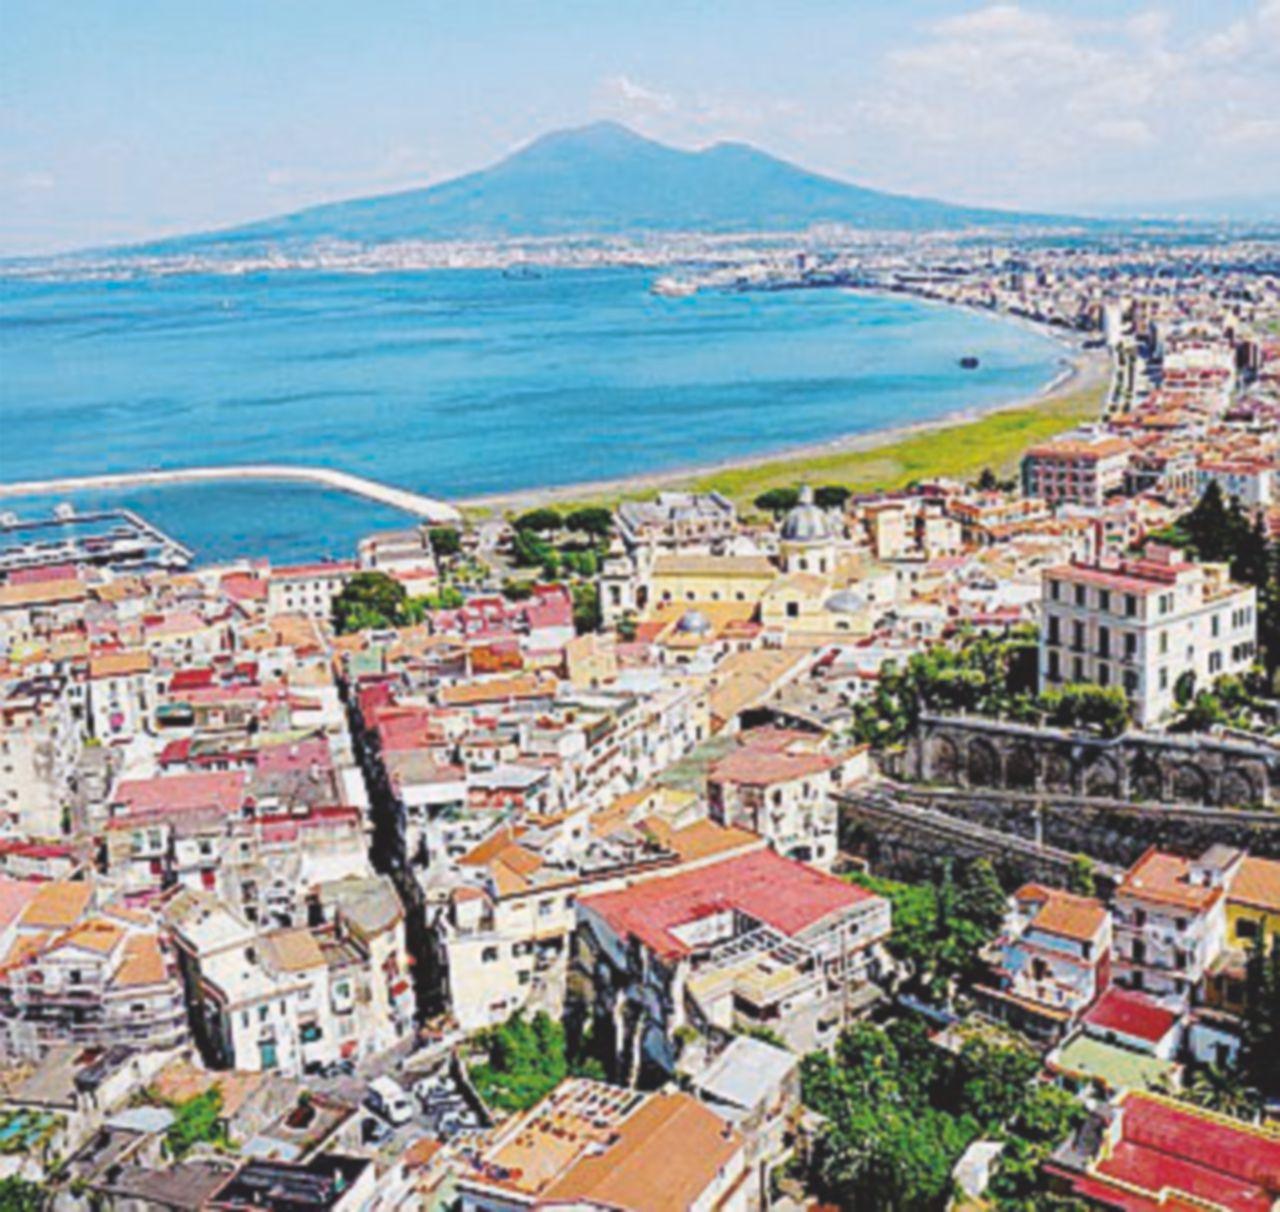 Castellammare, la città che divora un sindaco ogni 2 anni